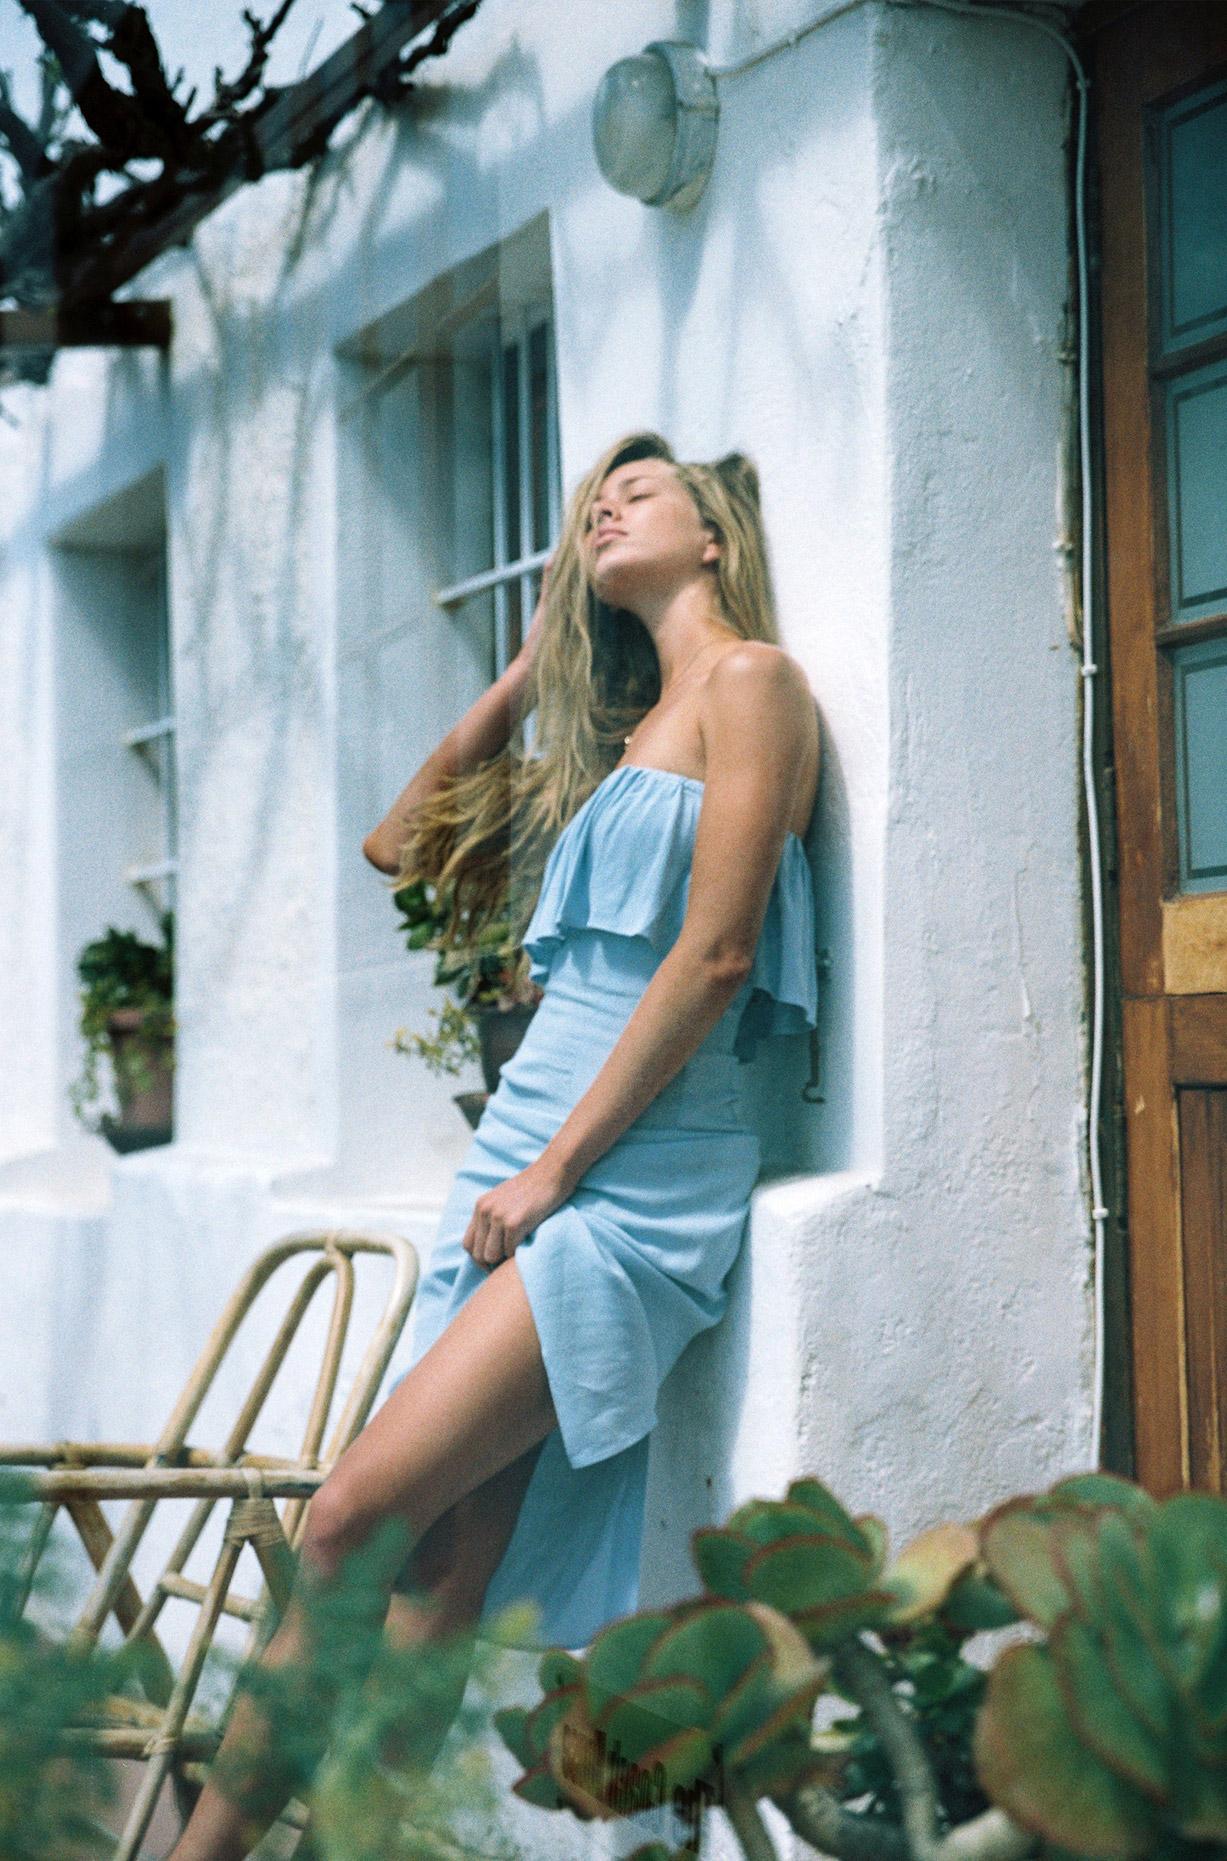 Соня ван Хеэрден / Sonja van Heerden by Cameron Hammond - Flynn Skye spring 2017